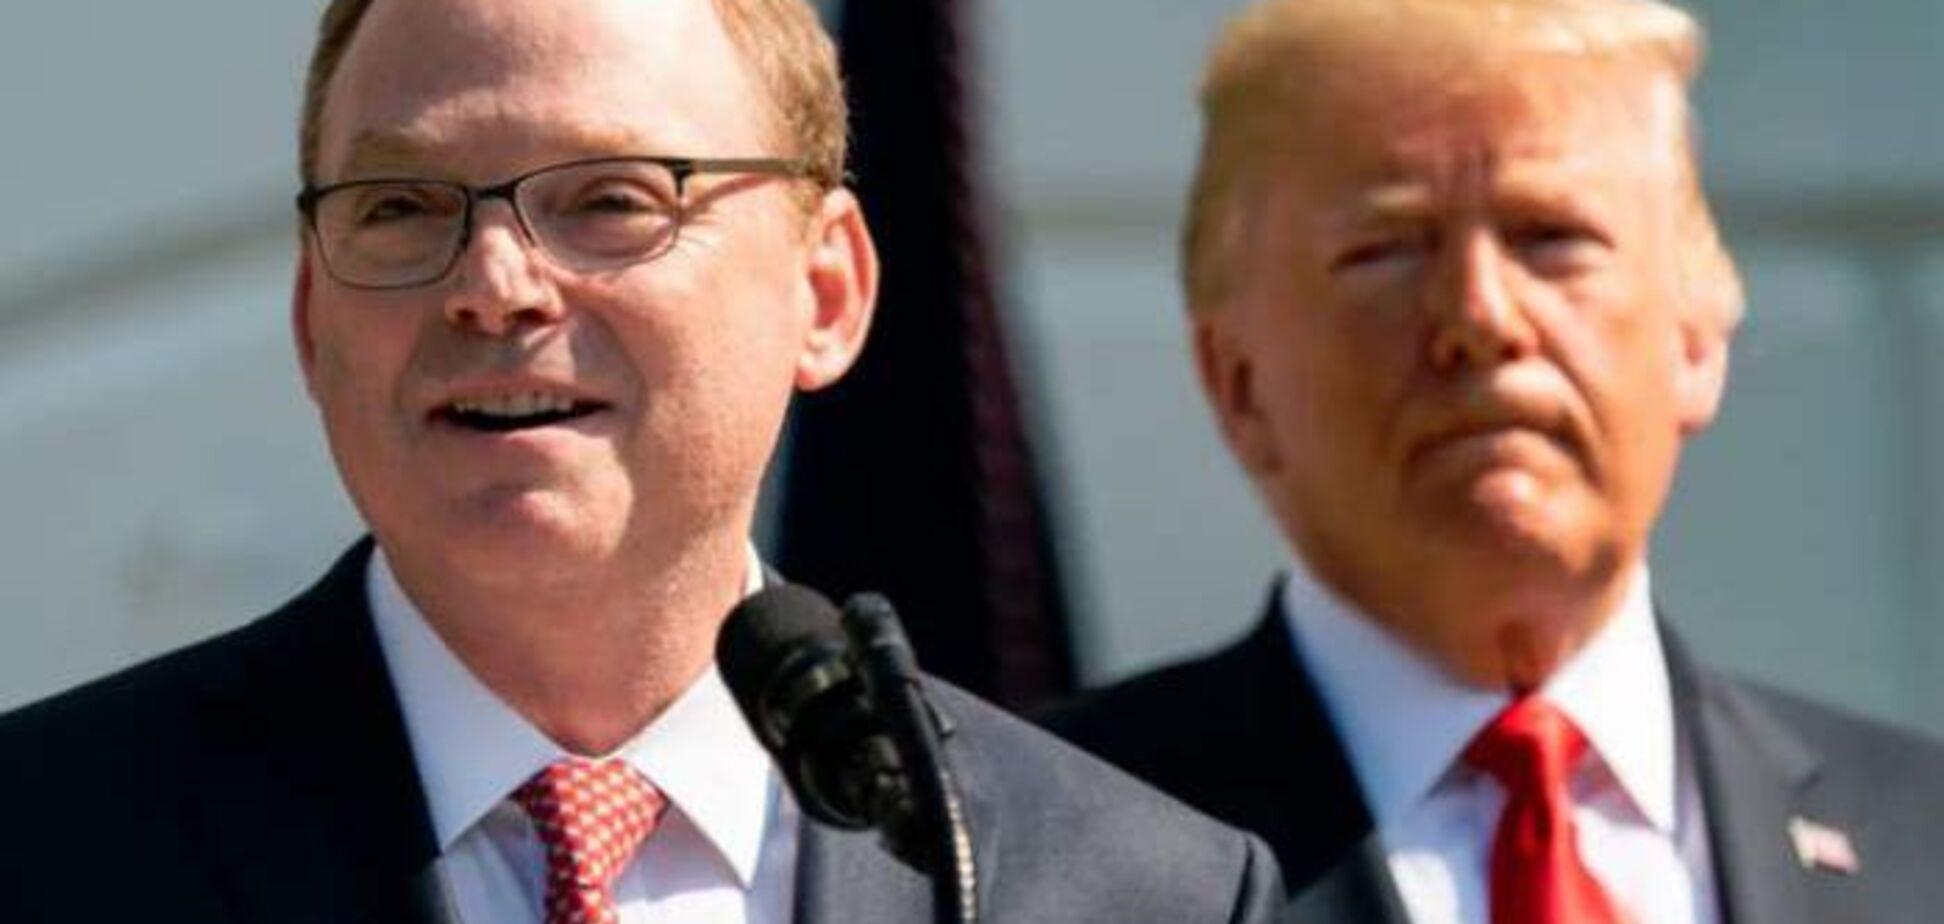 США предрекли катастрофическую безработицу: произойдет крупнейший шок